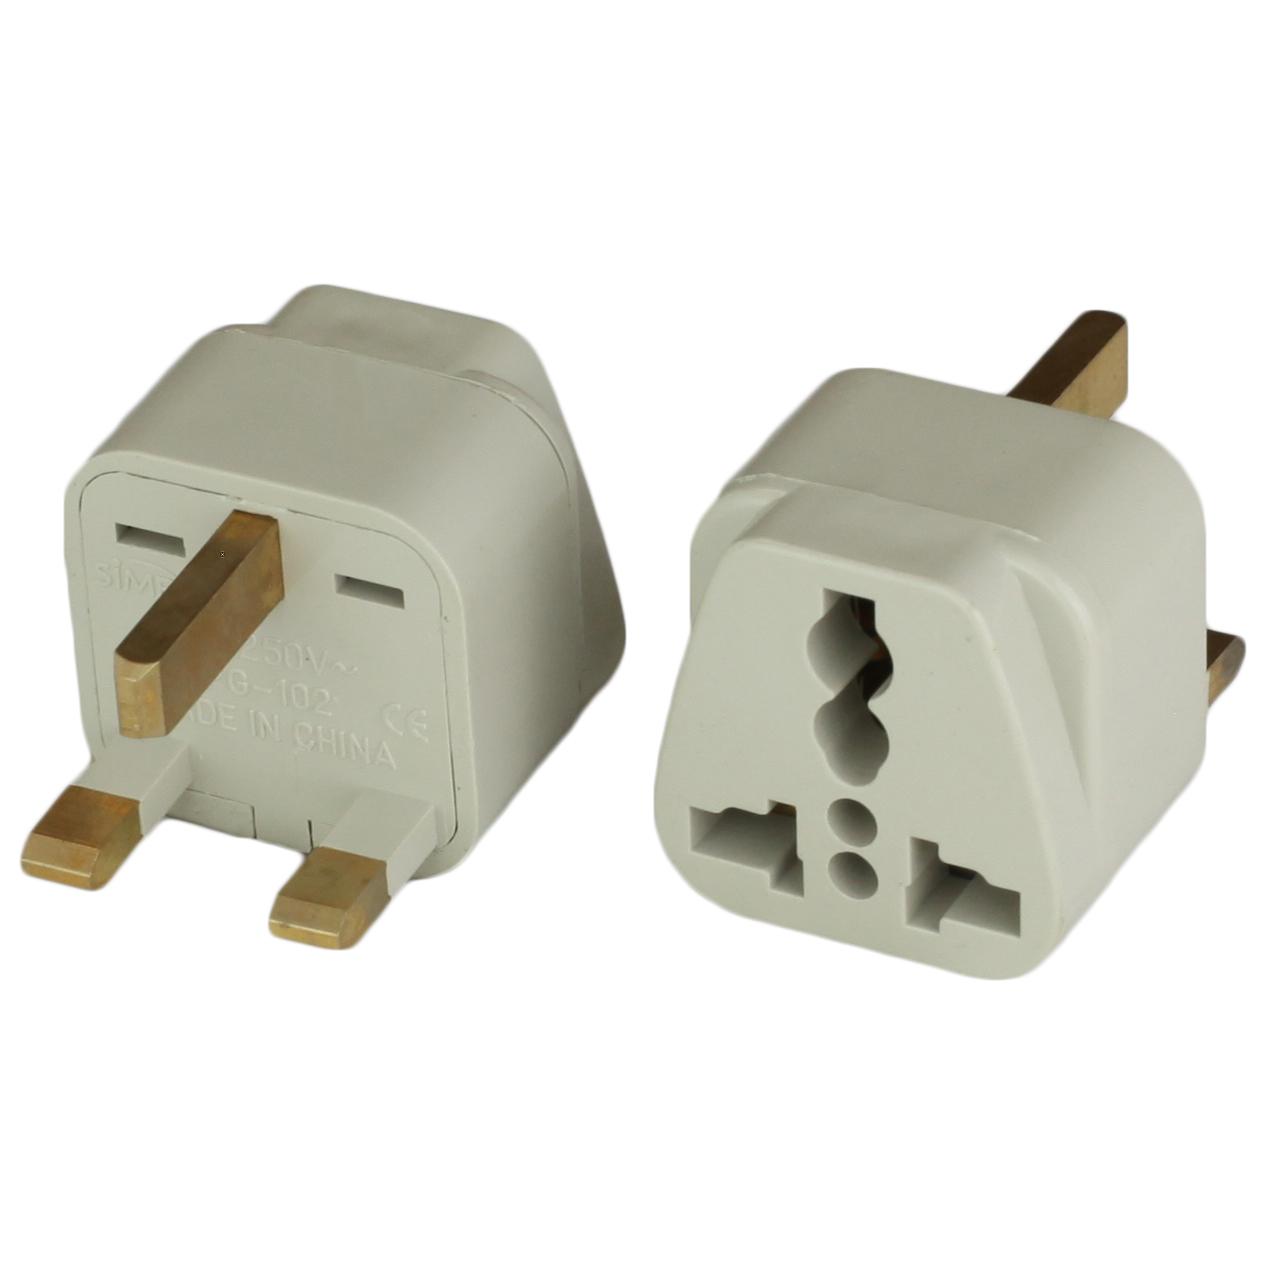 United Kingdom BS1363 Plug Adapters